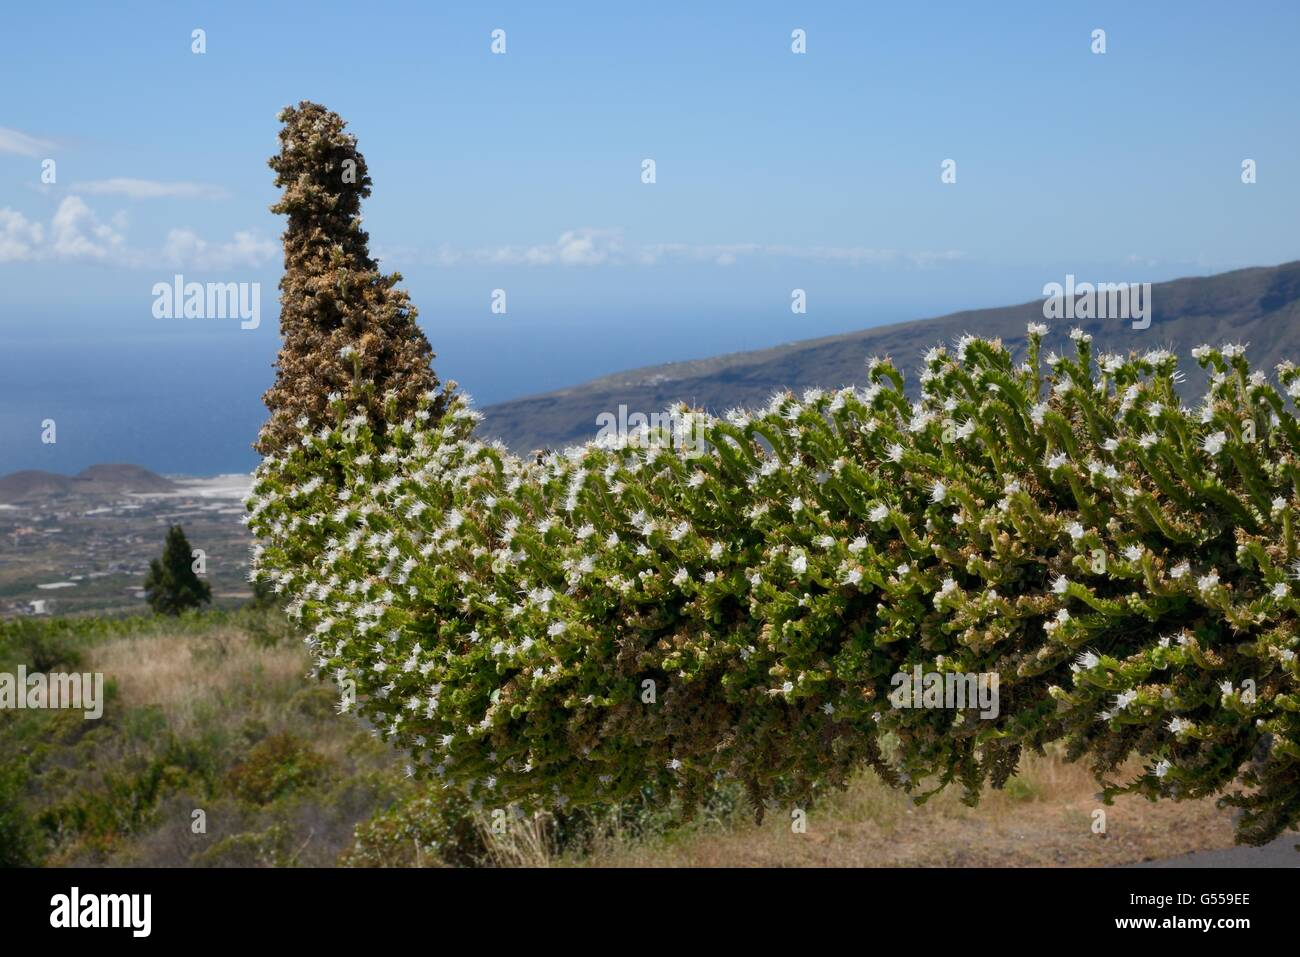 Weiße Echium / weißer Turm der Juwelen (Echium Simplex) am Berghang, Teneriffa, Kanarische Inseln, Mai Stockbild